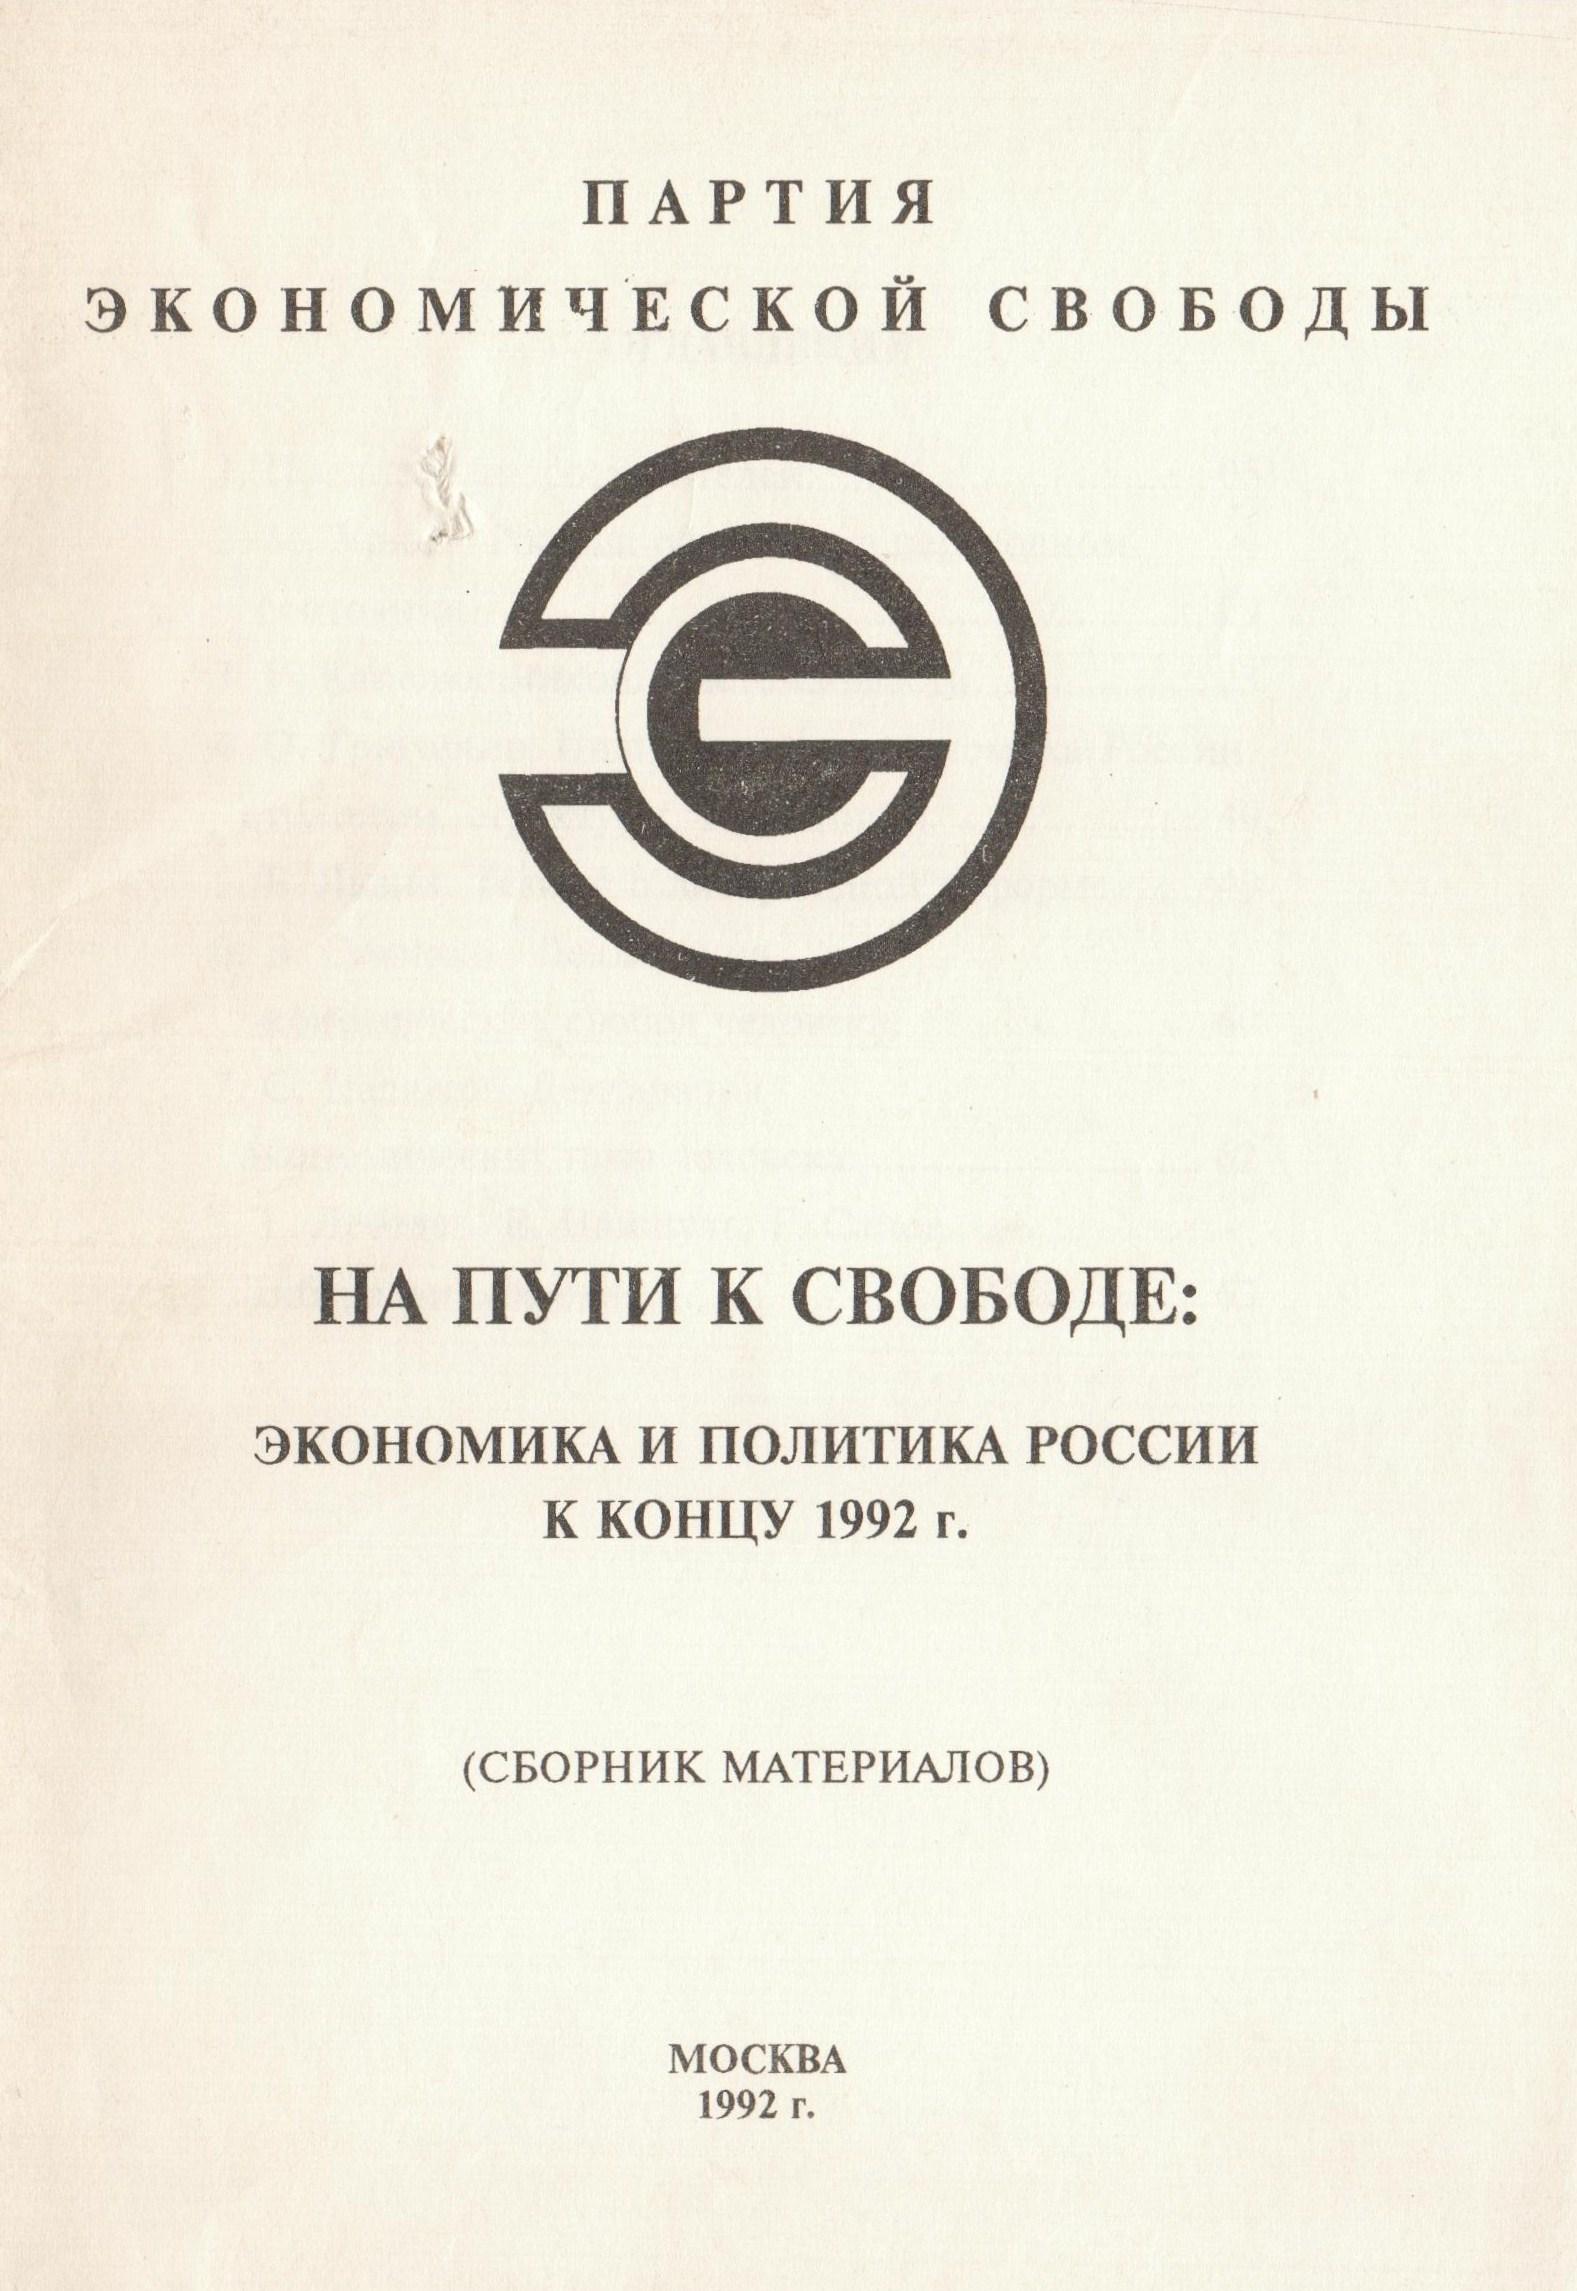 На пути к экономической свободе: экономика и политика России к концу 1992 г.